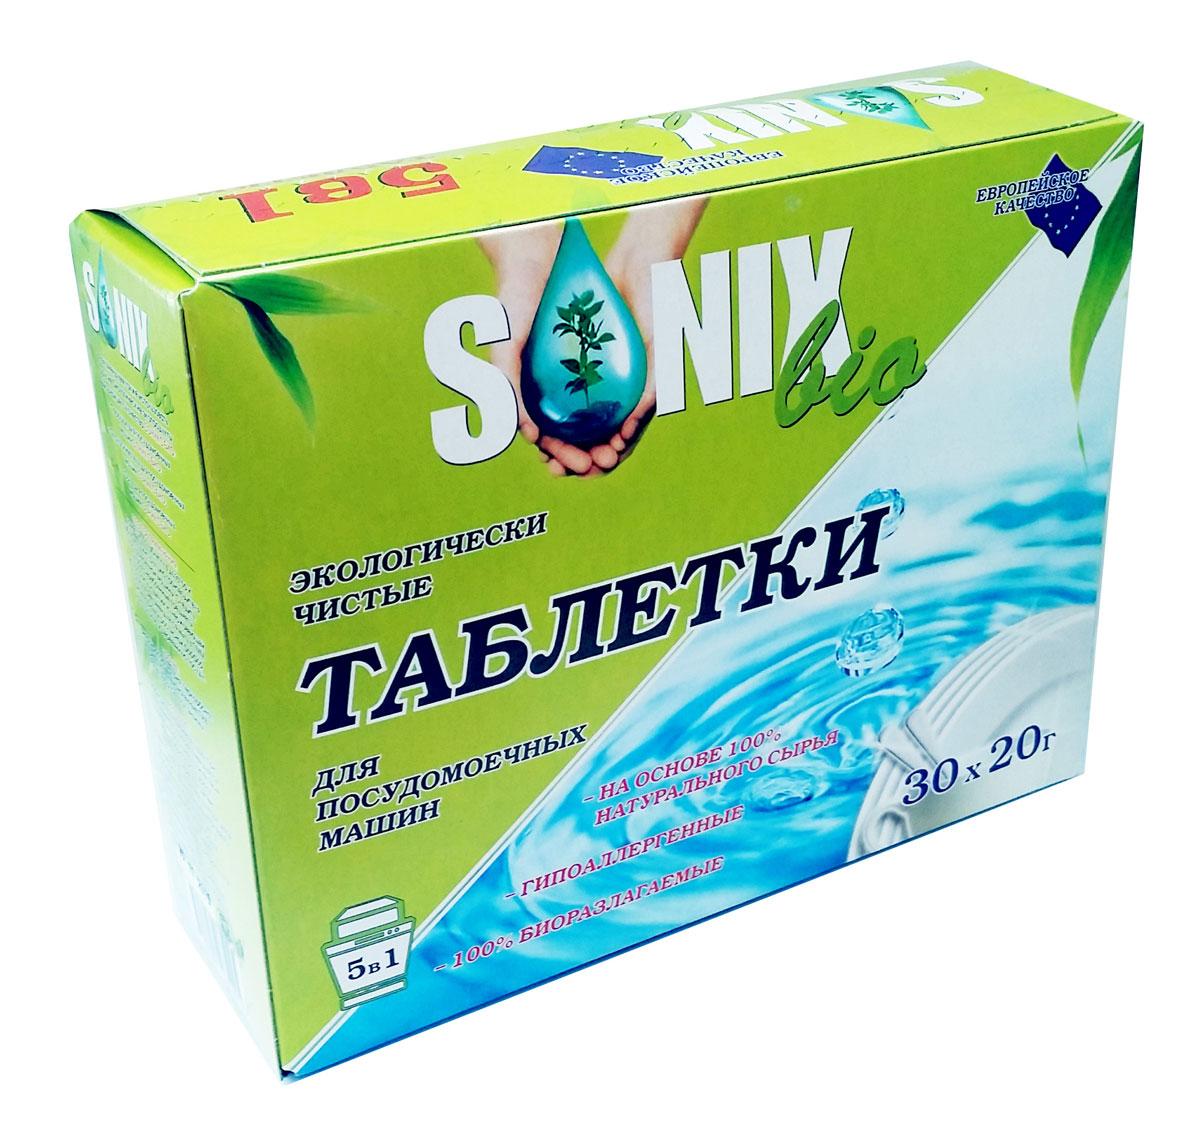 Таблетки для посудомоечных машин SonixBio 5 в 1, 30 шт х 20 г965095Таблетки SonixBio 5 в 1 способны к биологическому разложению. Упаковка подлежит переработке во вторичное сырье. Таблетки предназначены для мытья посуды в посудомоечных машинах любого типа и производителя. Благодаря кислороду и тщательно подобранным 100% натуральным активным компонентам, таблетки основательно, но в то же время деликатно, не повреждая посуду и рисунок на ней, растворяют любые, даже самые стойкие загрязнения и остатки пищи. Очищают тщательно и эффективно с помощью веществ, не наносящих вреда человеку и окружающей среде. Состав: триполифосфат натрия, перкарбонат натрия, ТАЕД, неионогенные ПАВ, поликарбоксилаты, энзимы. Вес одной таблетки: 20 г. Товар сертифицирован.